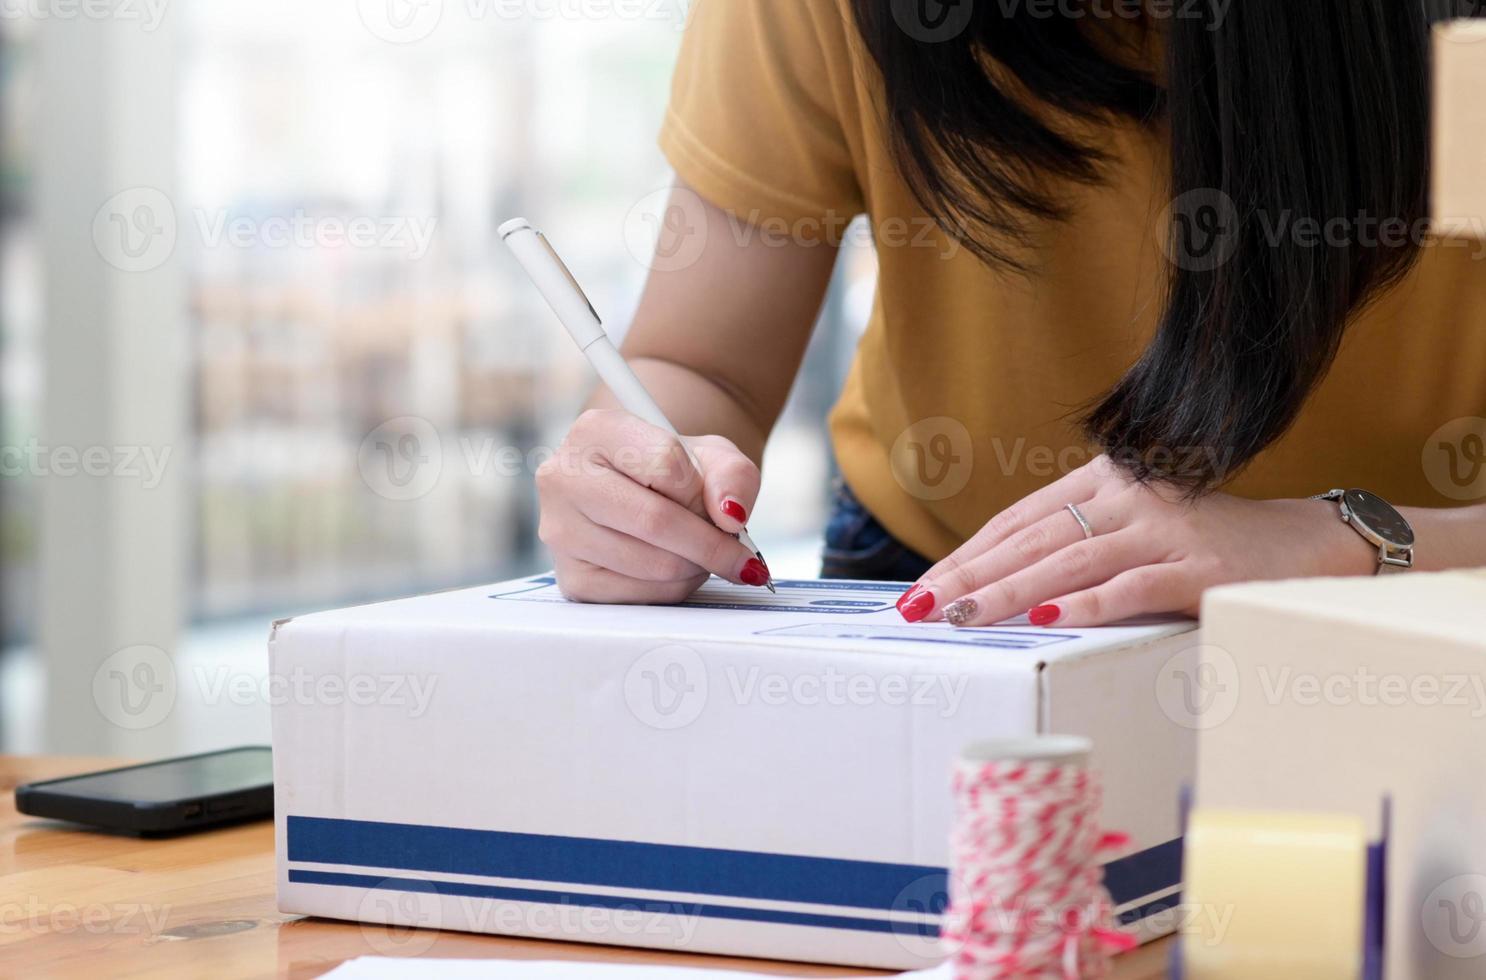 la ragazza ha scritto l'indirizzo sulla scatola per consegnare il pacco. foto